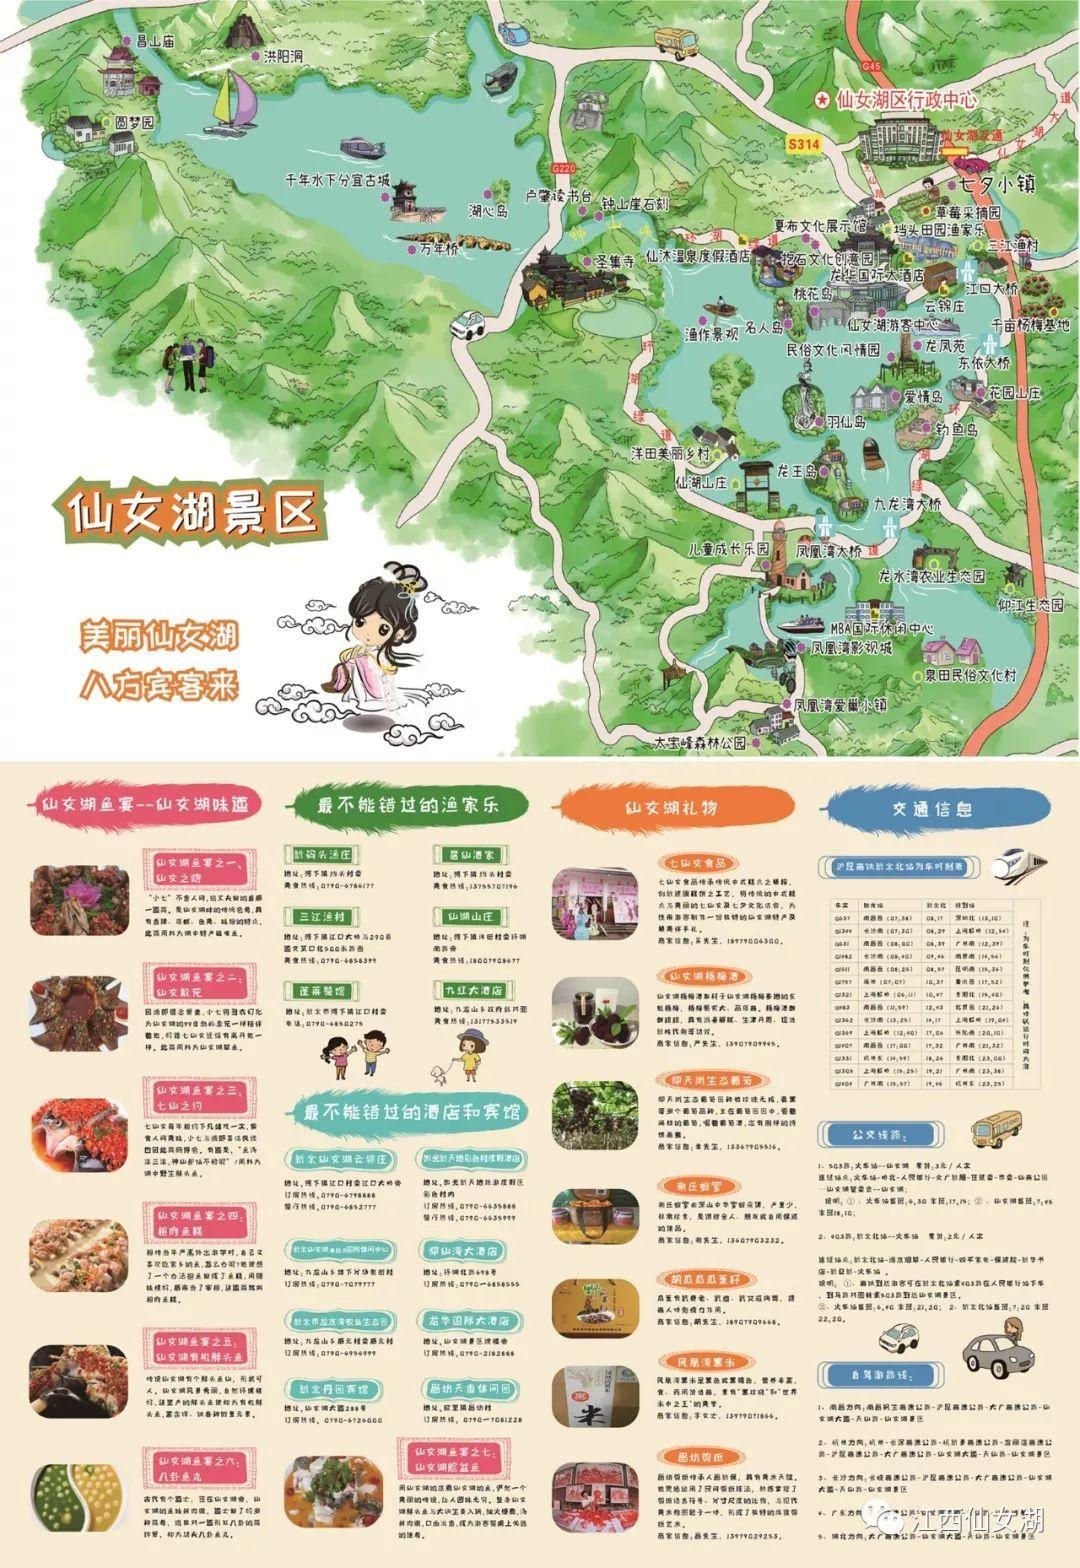 ——仙女湖手绘旅游地图正式上线!